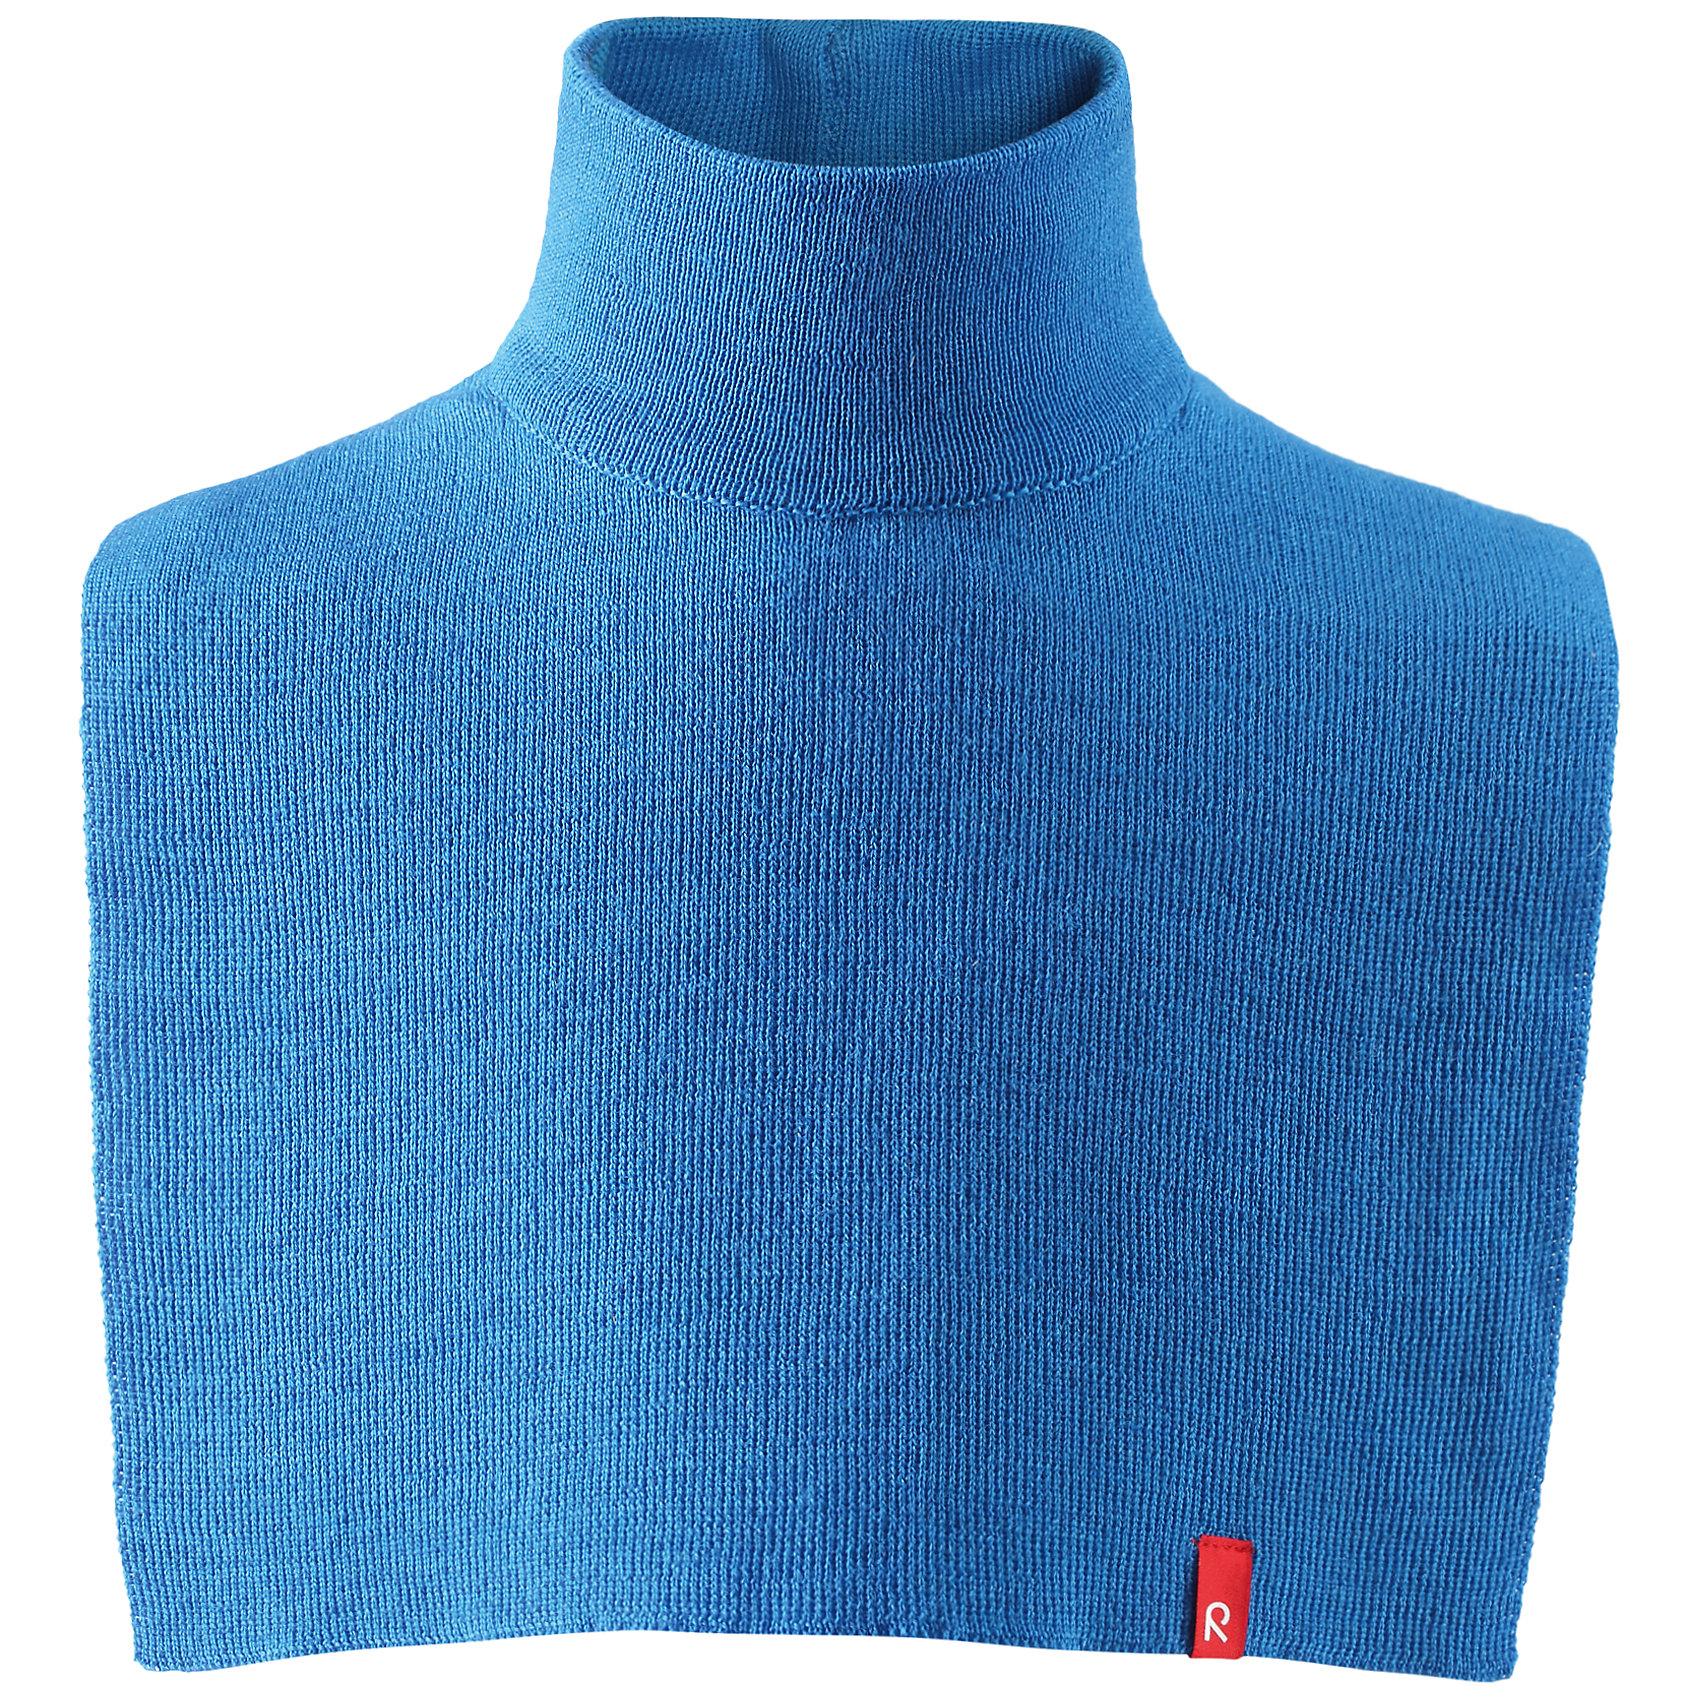 Манишка Star для мальчика ReimaМанишка  Reima<br>Манишка для детей. Шерсть идеально поддерживает температуру. Теплая шерстяная вязка (волокно). Частичная подкладка: хлопчатобумажная ткань. Логотип Reima® спереди.<br>Уход:<br>Стирать по отдельности, вывернув наизнанку. Придать первоначальную форму вo влажном виде. Возможна усадка 5 %.<br>Состав:<br>100% Шерсть<br><br>Ширина мм: 170<br>Глубина мм: 157<br>Высота мм: 67<br>Вес г: 117<br>Цвет: голубой<br>Возраст от месяцев: 48<br>Возраст до месяцев: 60<br>Пол: Мужской<br>Возраст: Детский<br>Размер: 52,48<br>SKU: 4779624